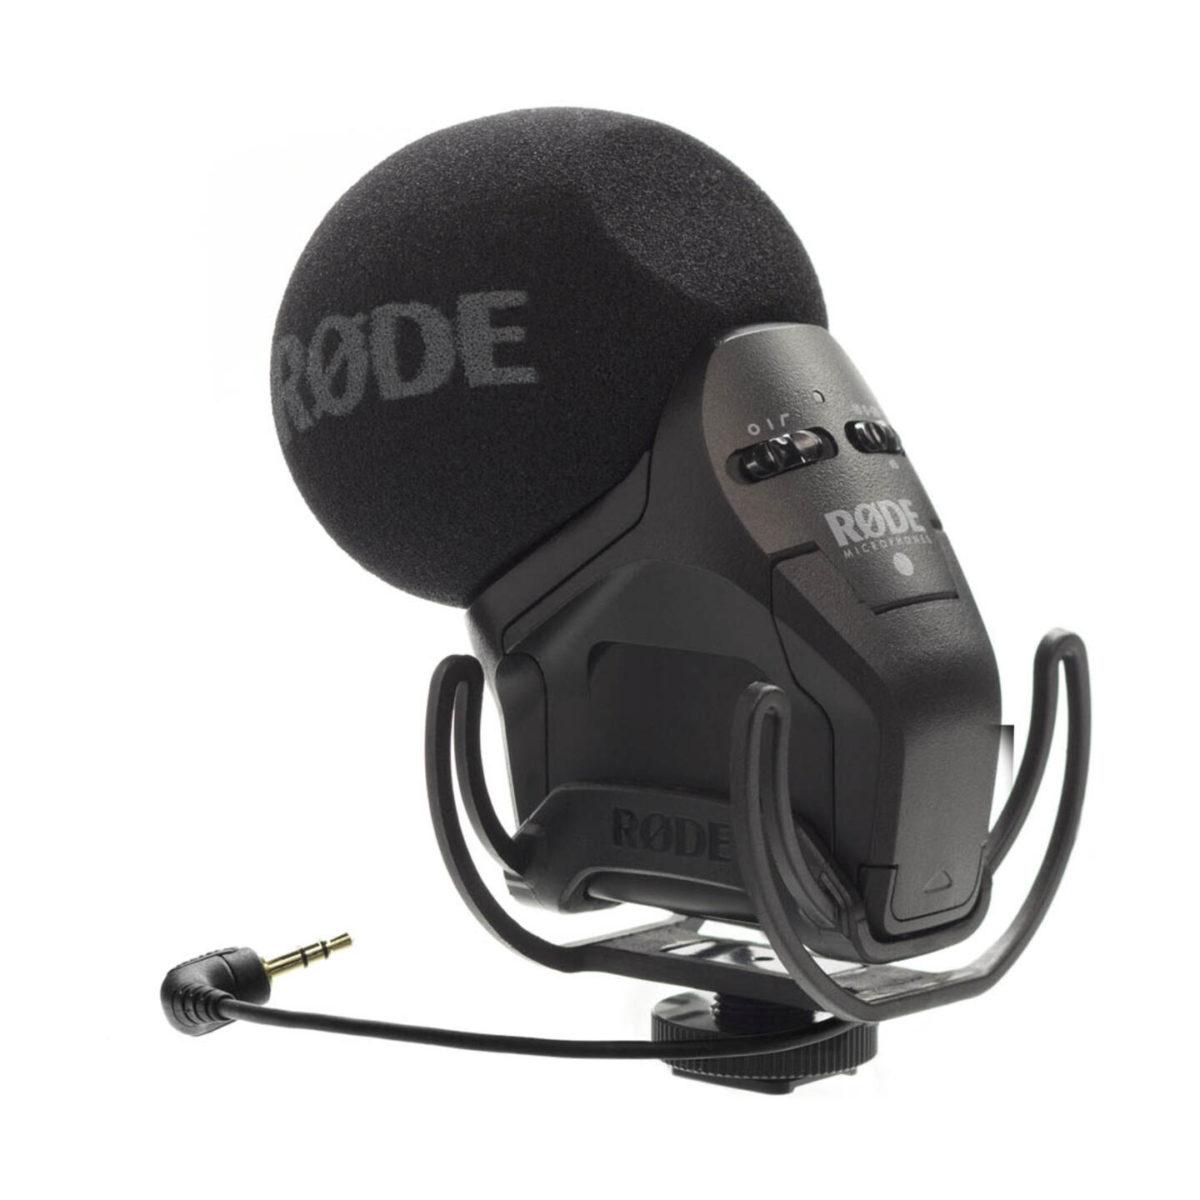 rode_stereo_videomic_pro_rycote_mikrofon_02